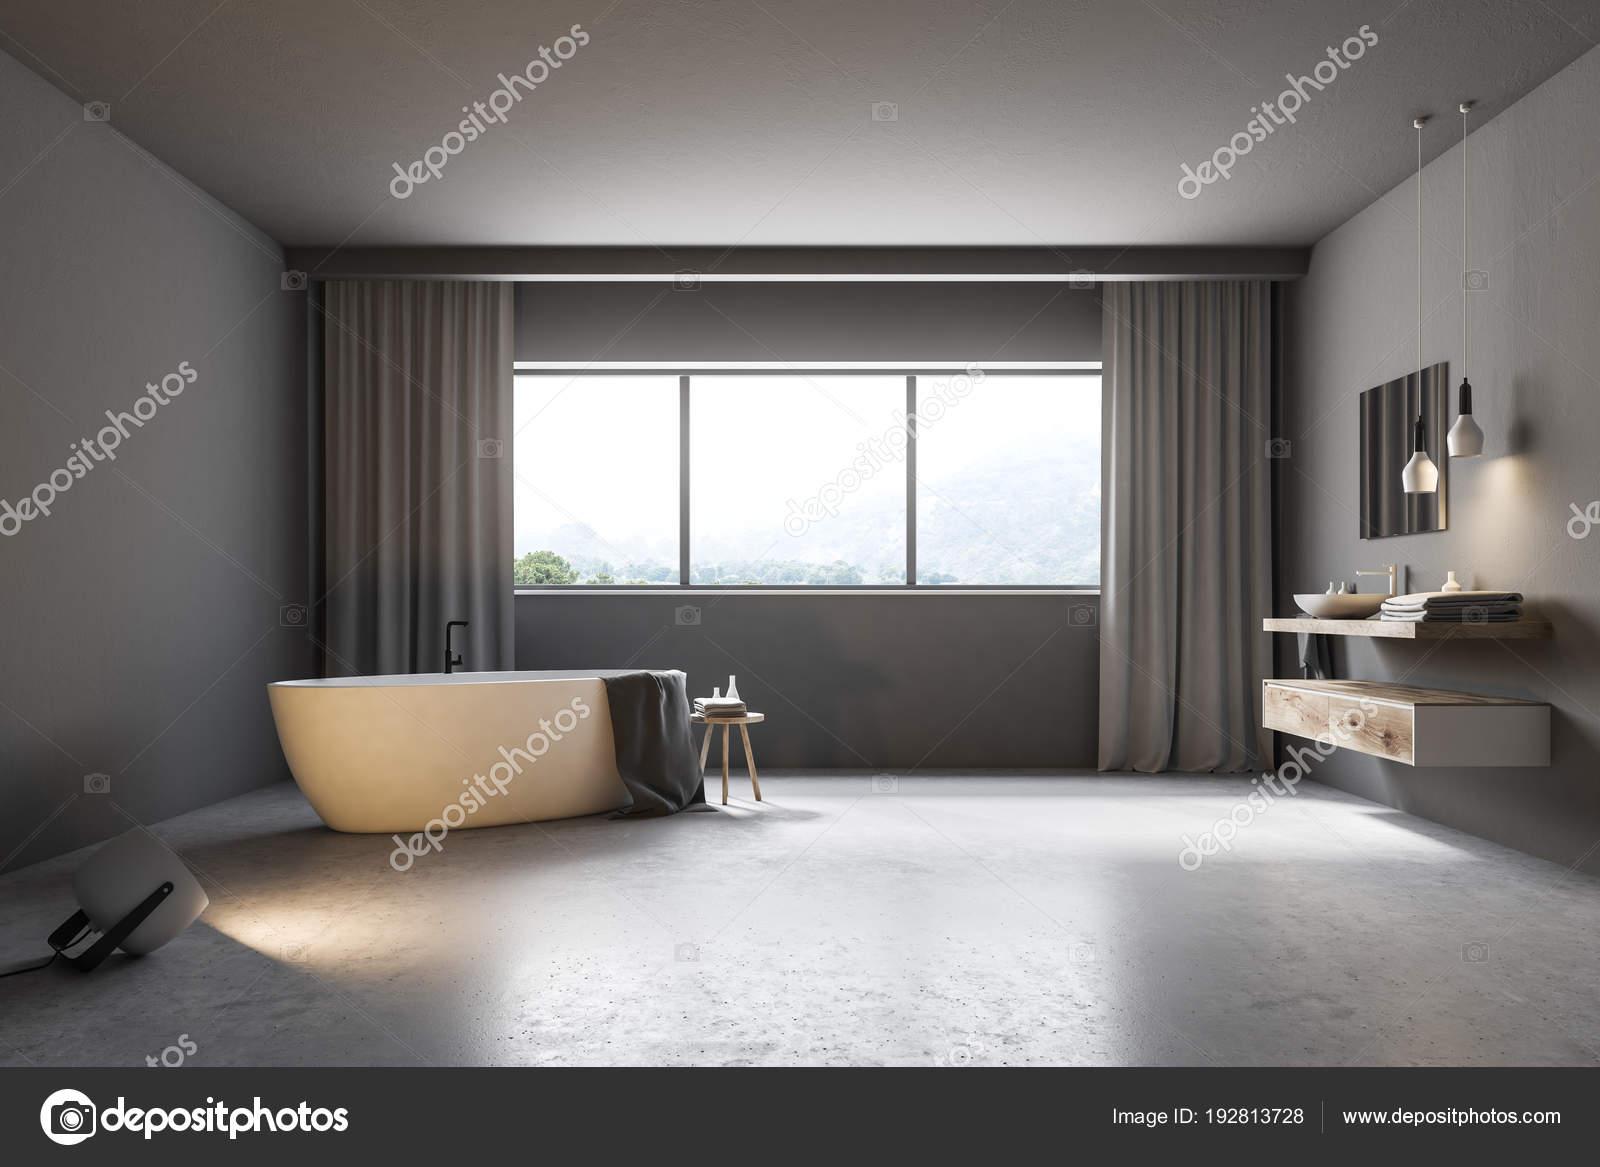 grijze badkamer interieur met een betonnen vloer een groot raam met grijze gordijnen een witte badkuip en een wastafel